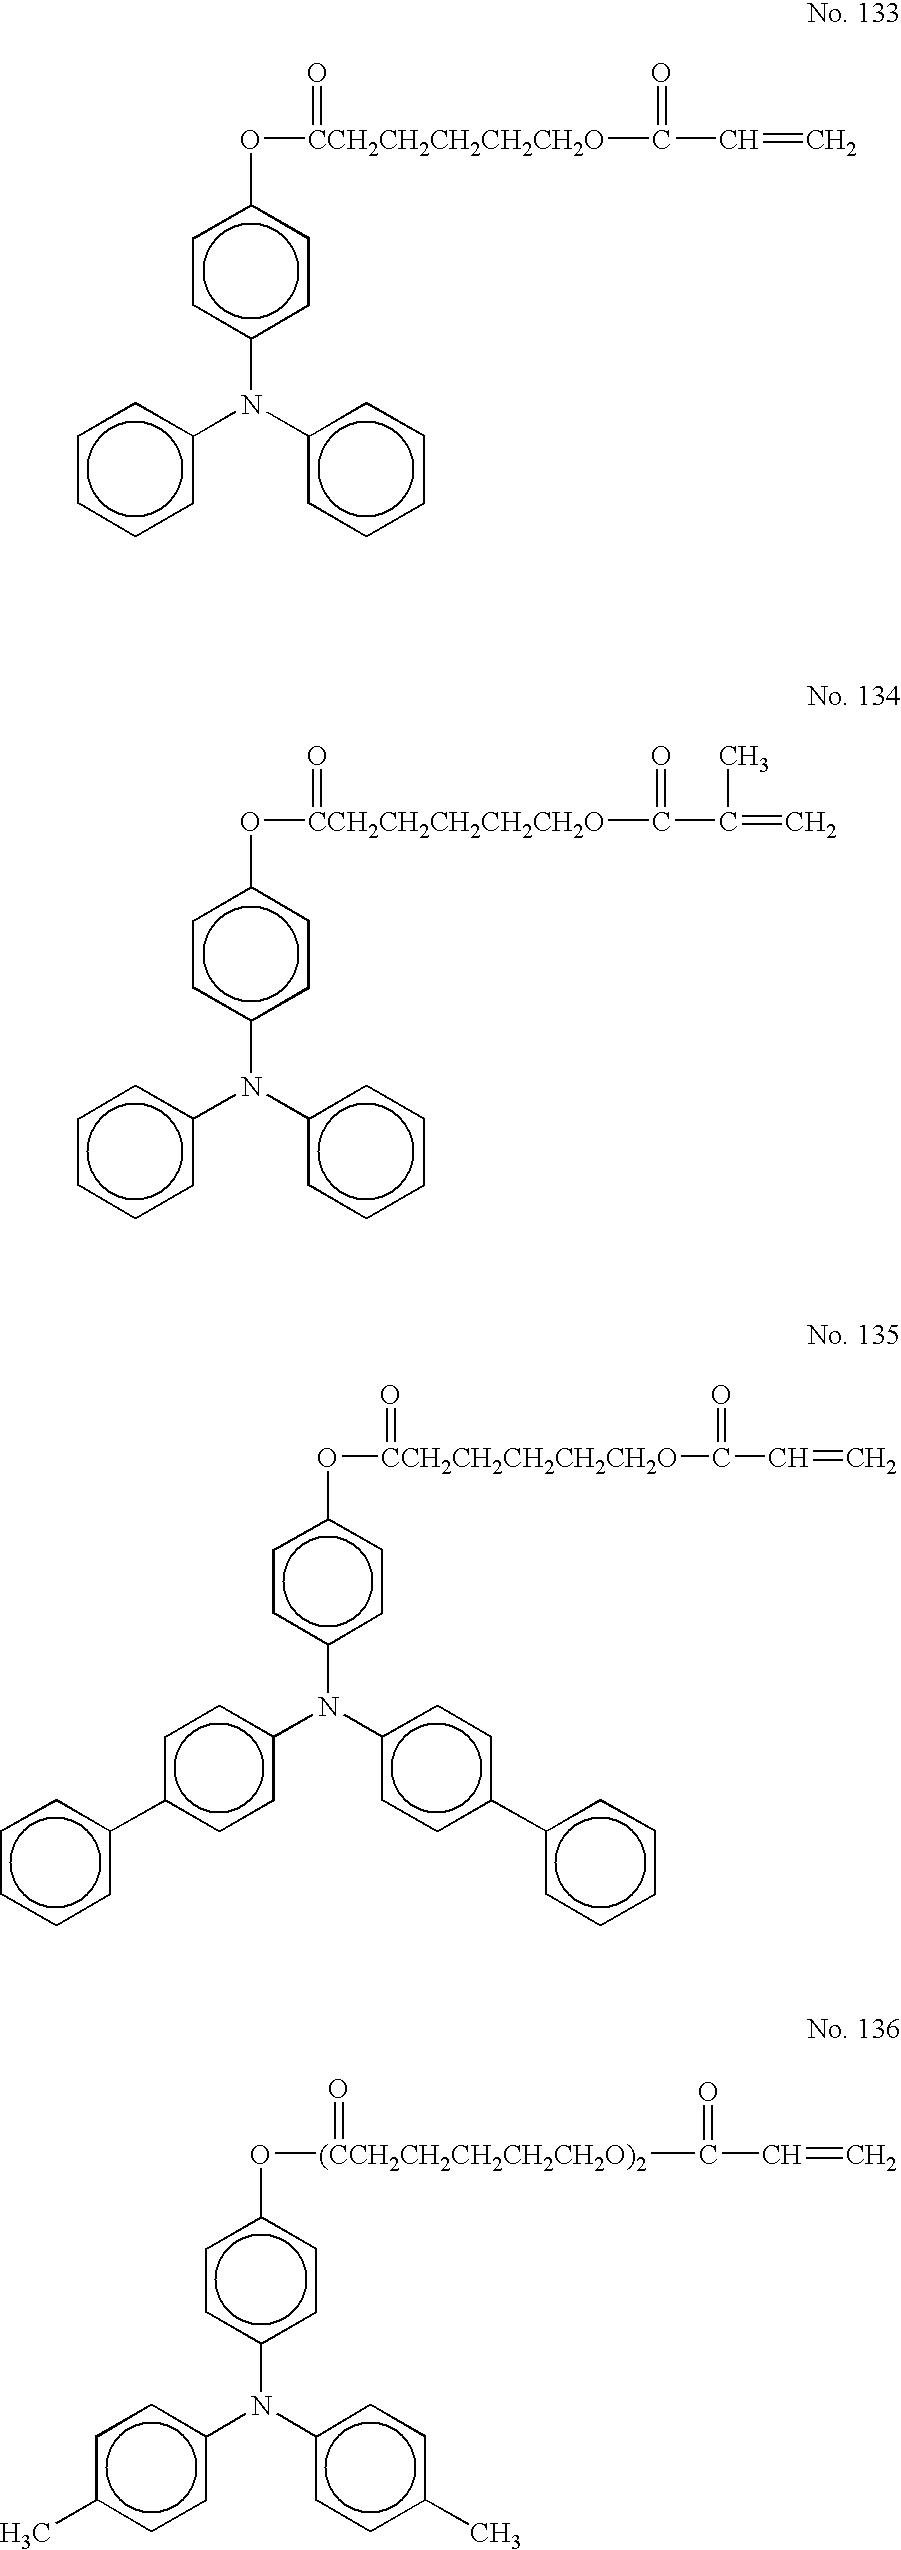 Figure US07175957-20070213-C00059